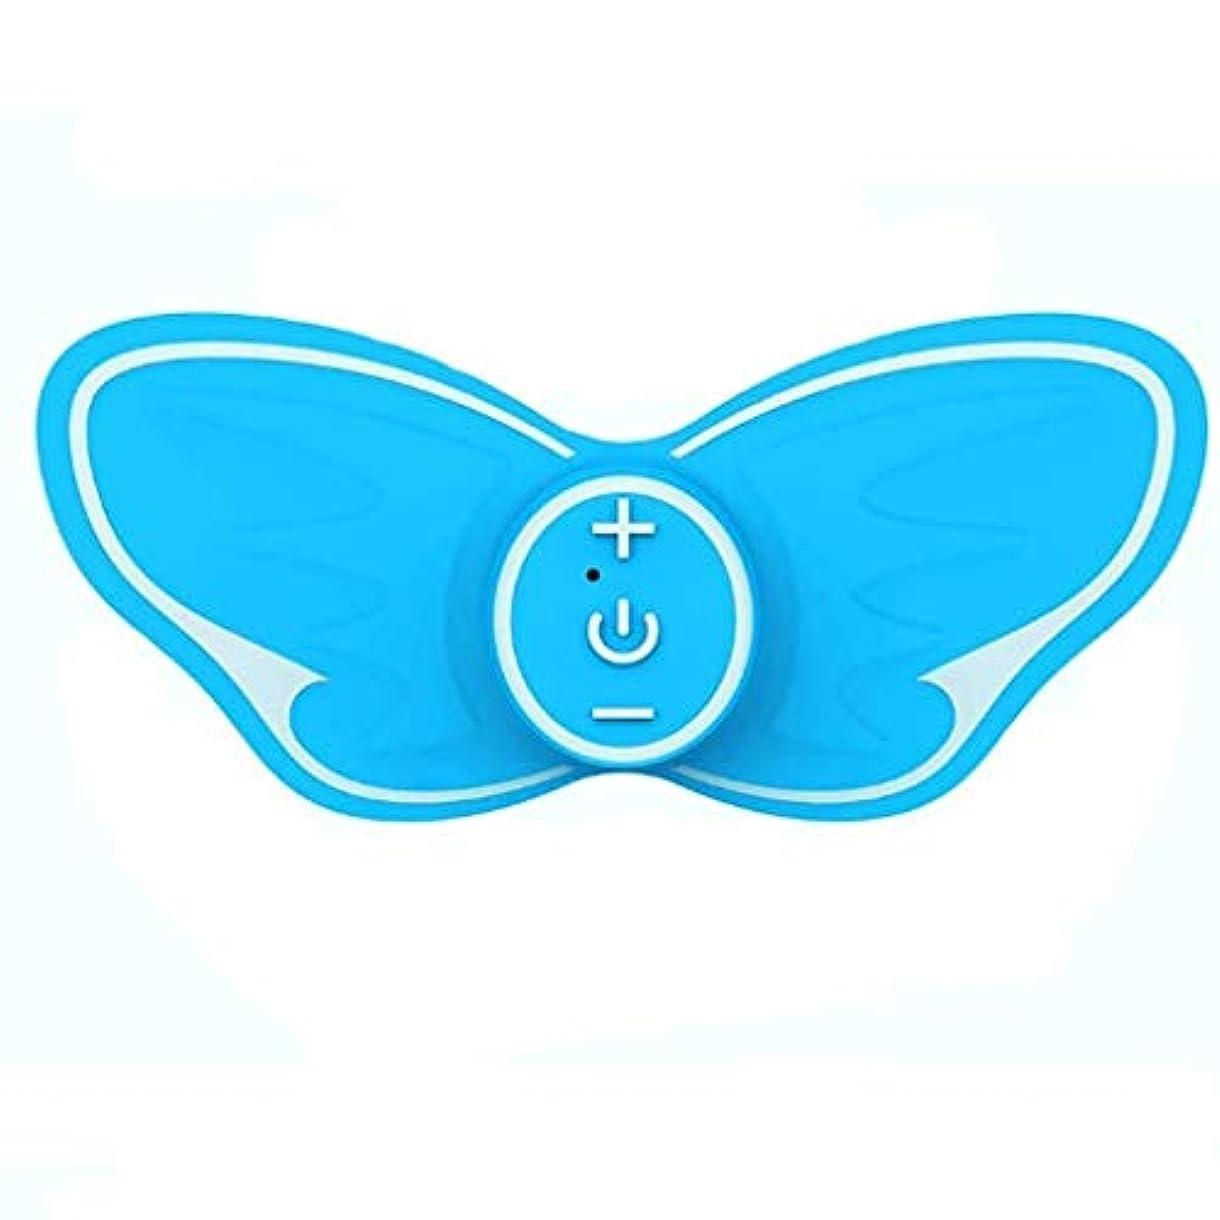 約設定スズメバチゴム電動ネックマッサージャー、スマートミニネックフィンガープレッシャーマッサージスティック、USB充電、加熱/ディープニーディングボディマッサージ、ポータブル (Color : 青)